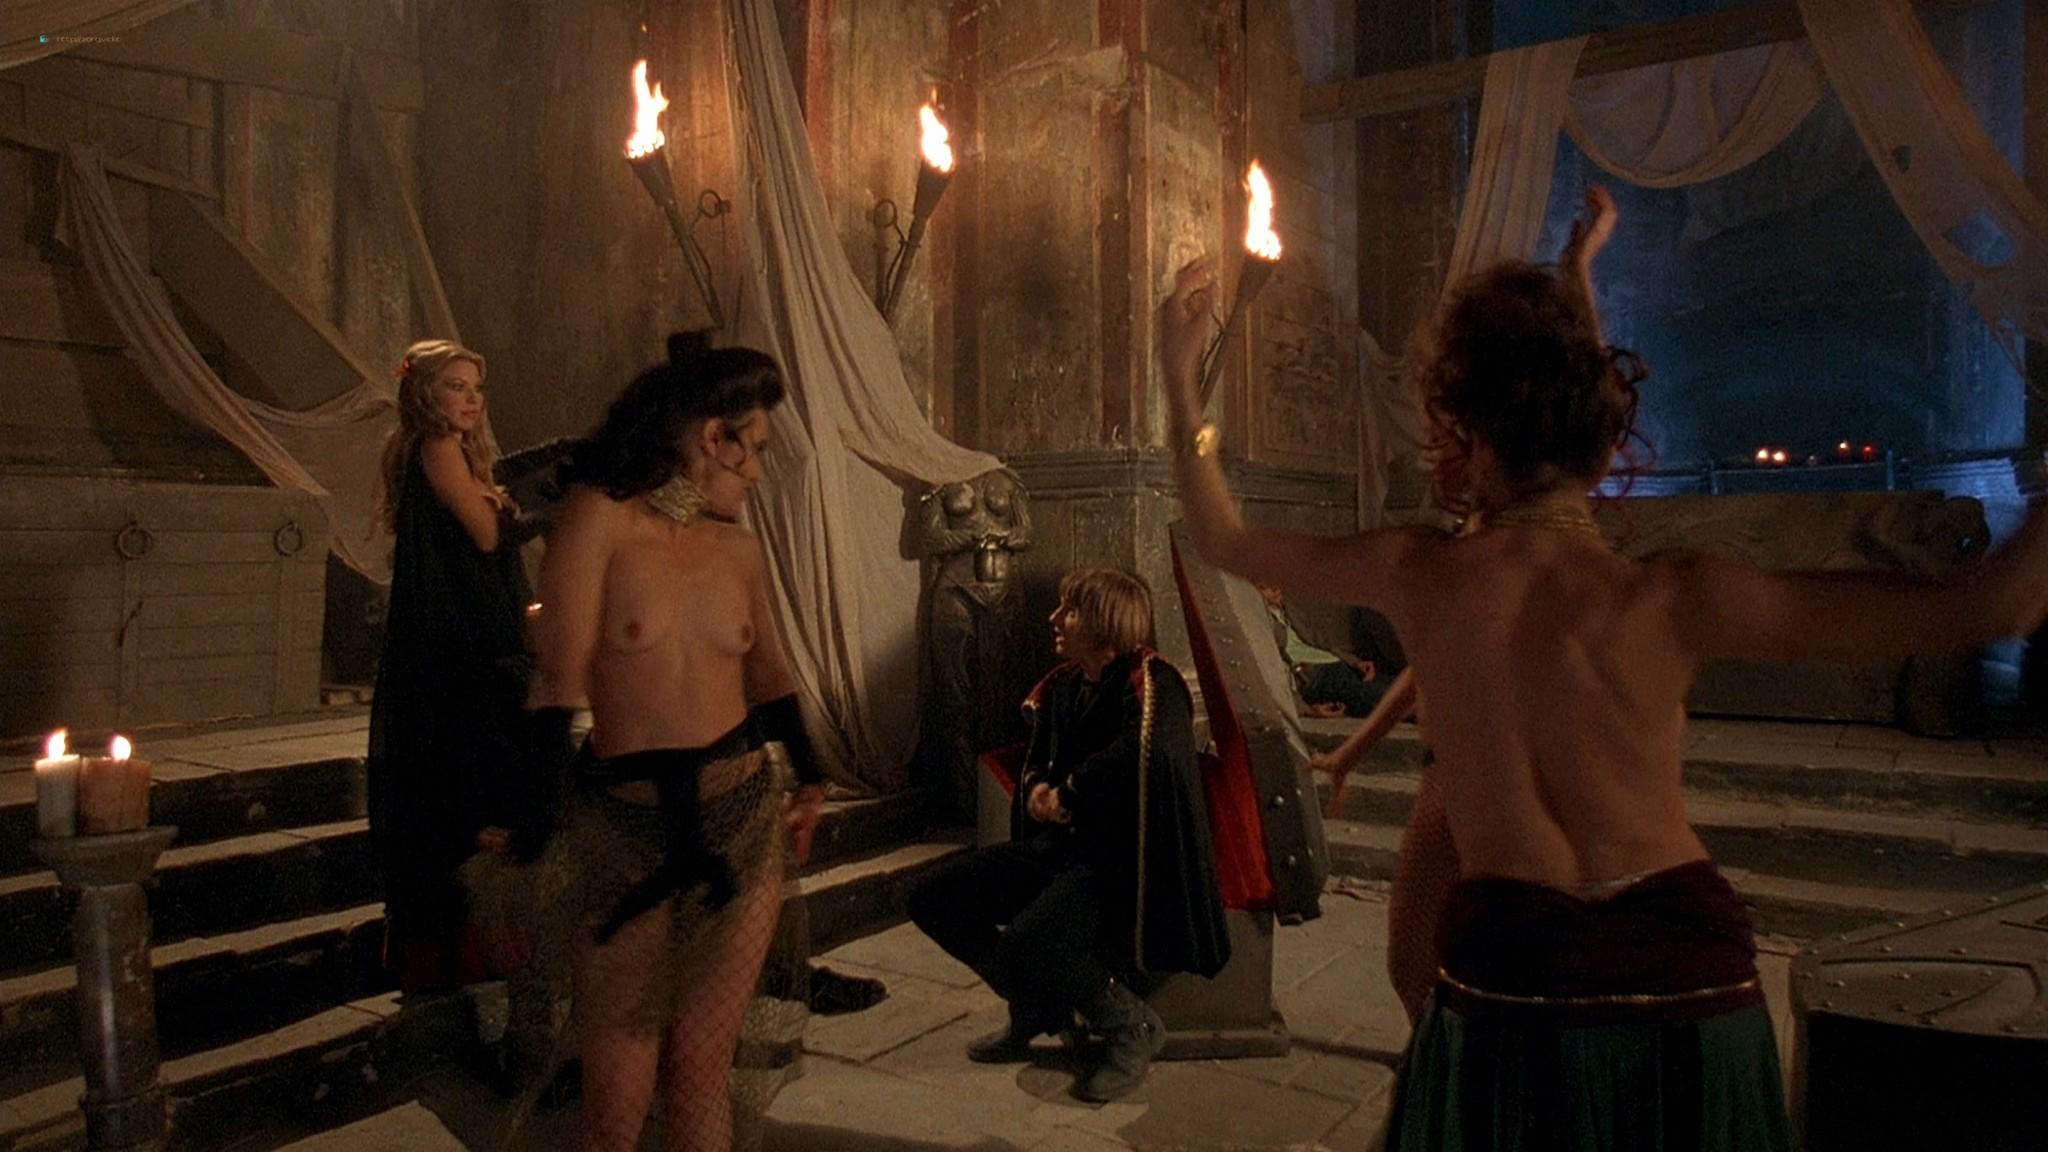 Jennifer Lyons hot Simon Petric, Desiree Malonga and others nude - Transylmania (2009) HD 1080p BluRay (r) (8)